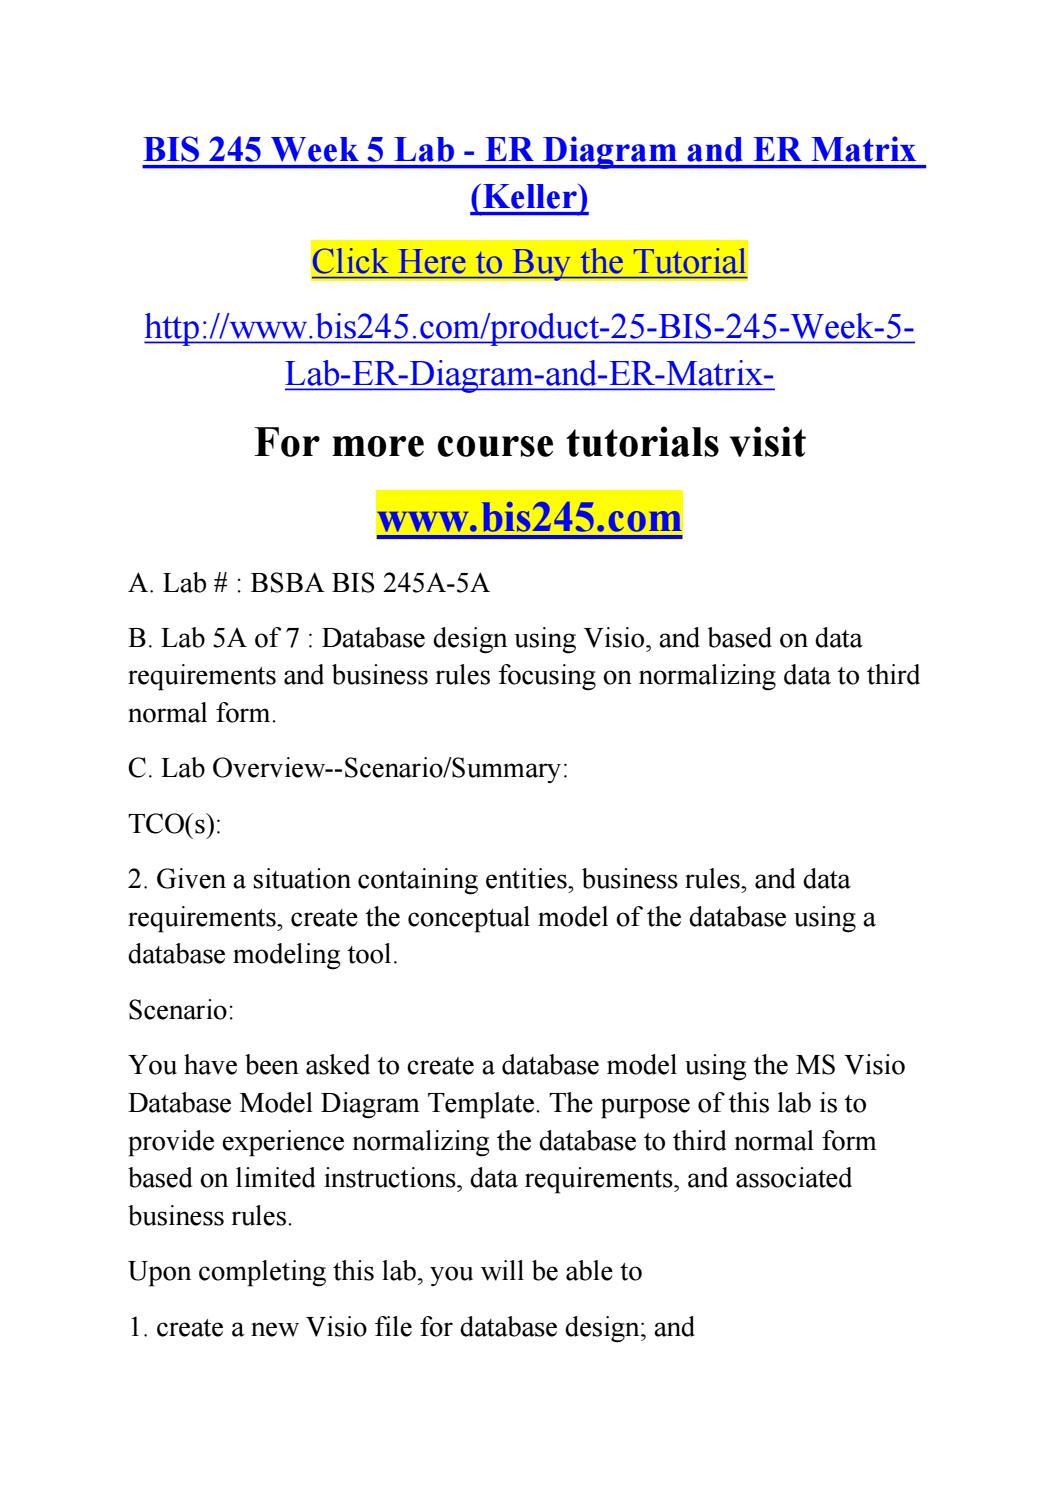 Bis 245 week 5 lab er diagram and er matrix keller by alexx036 bis 245 week 5 lab er diagram and er matrix keller by alexx036 issuu baditri Images